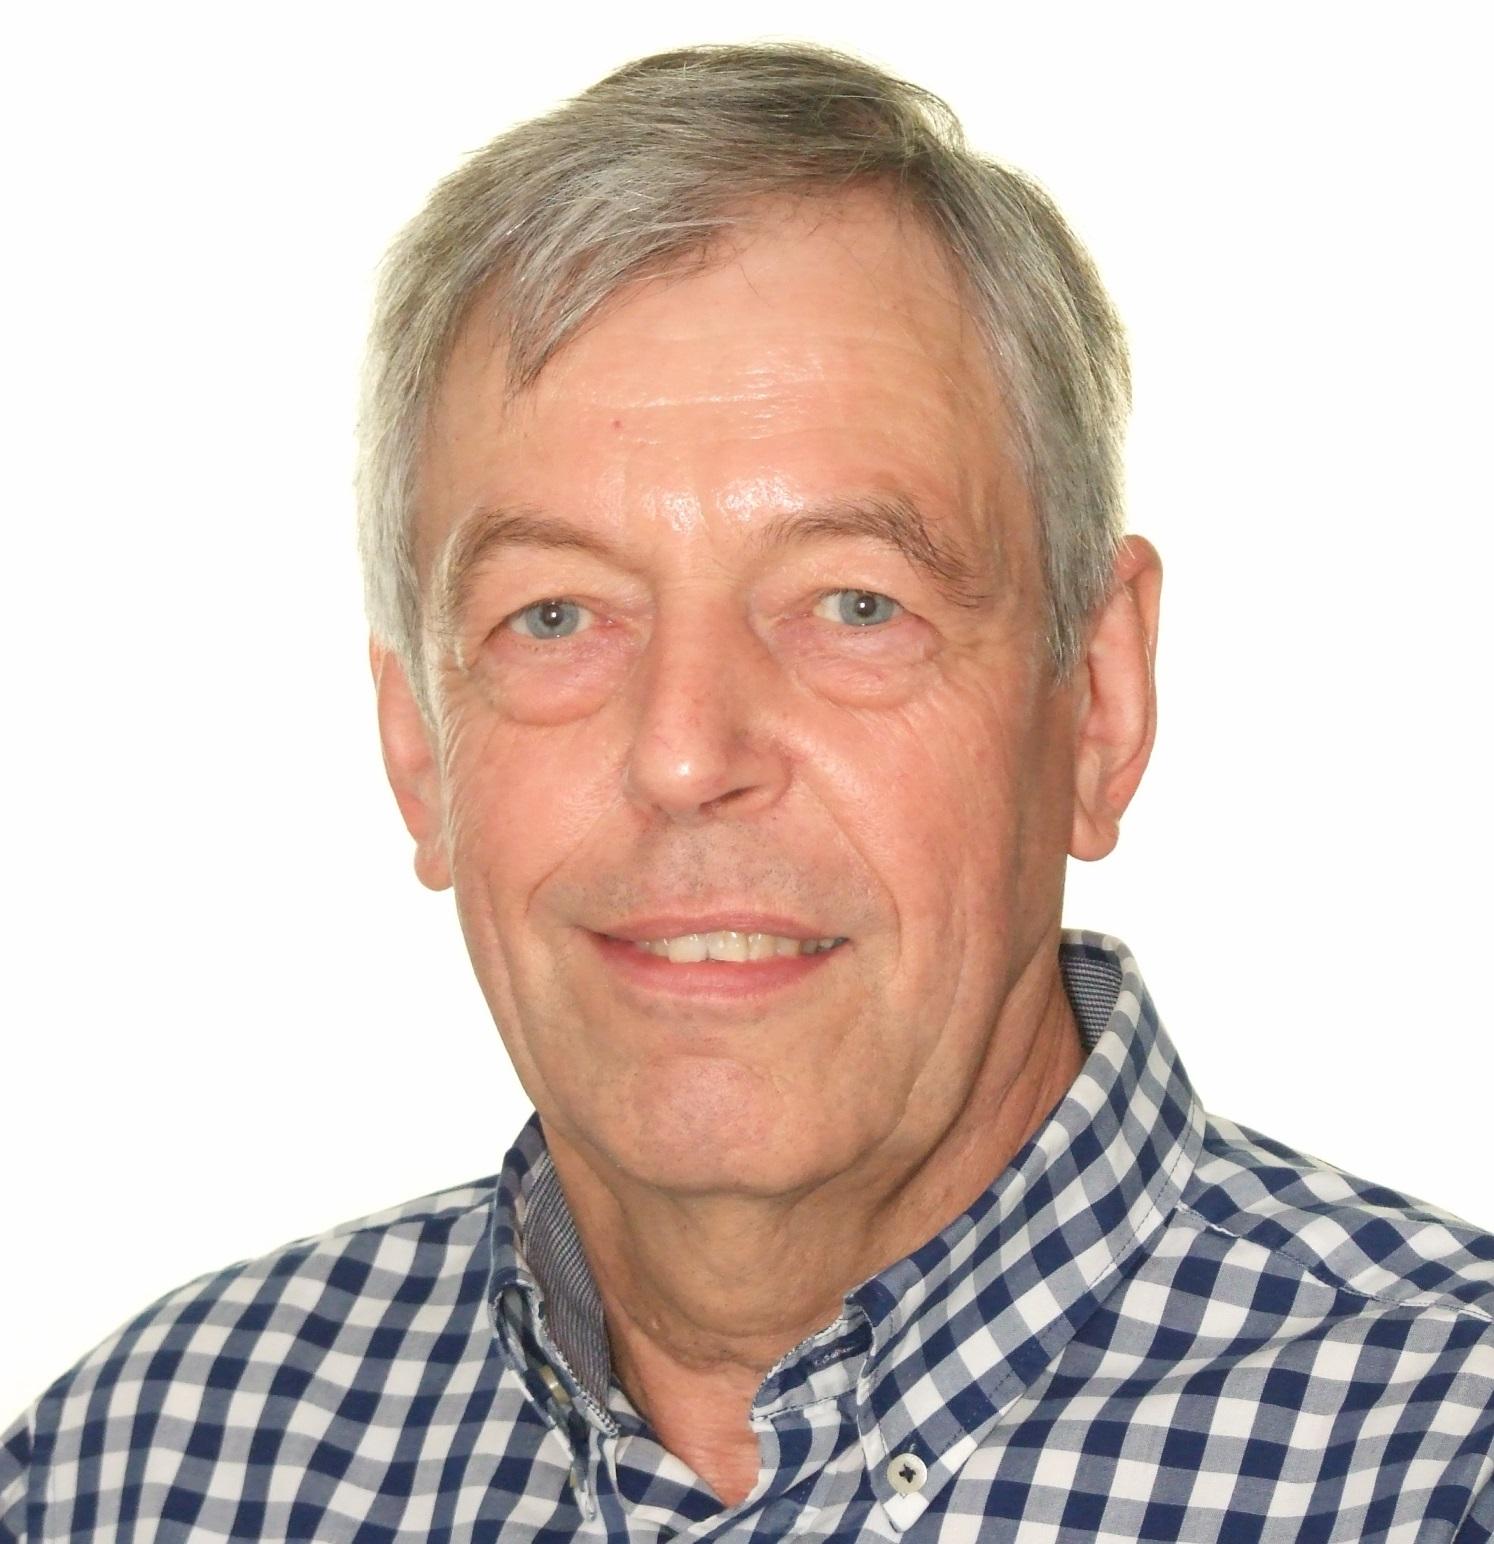 Jürgen Mülders